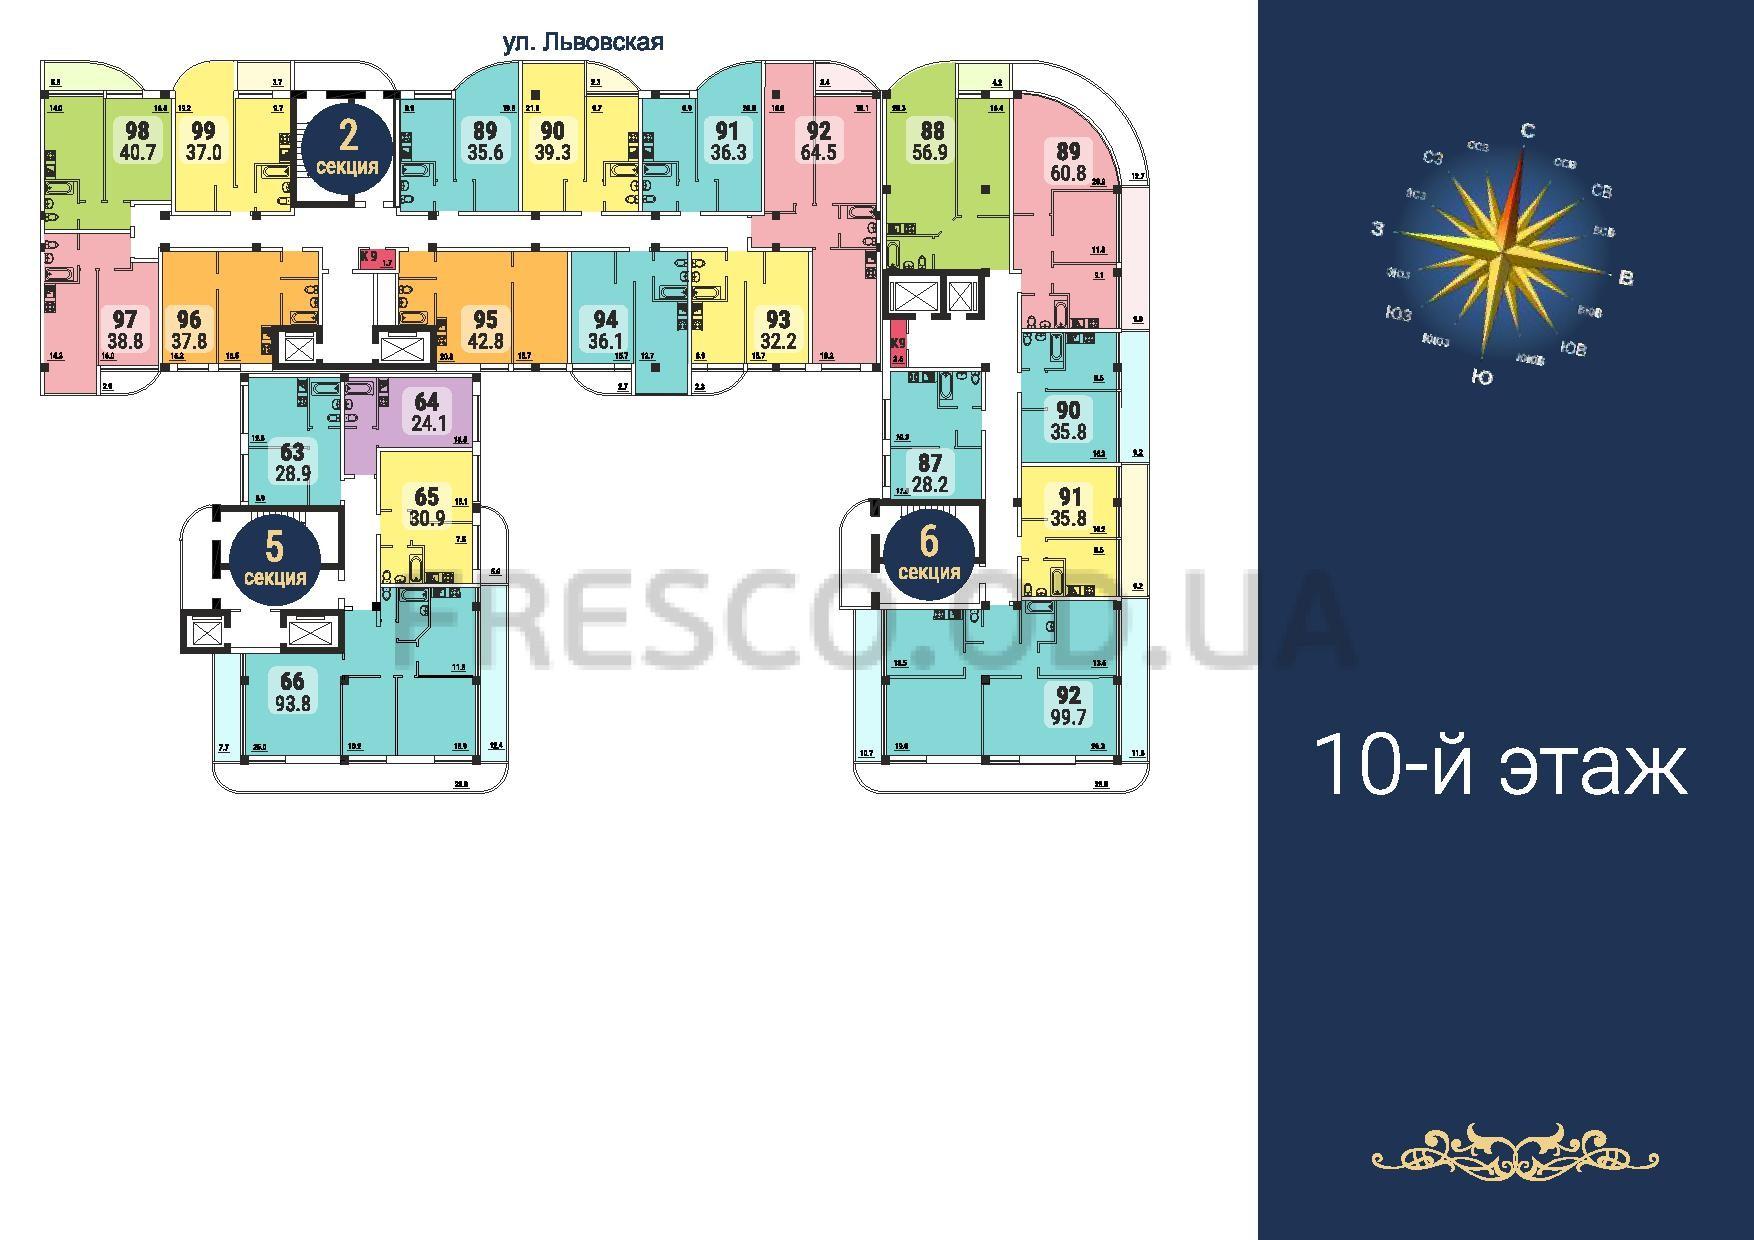 ЖК Море секции 2,5,6 план 10 этажа